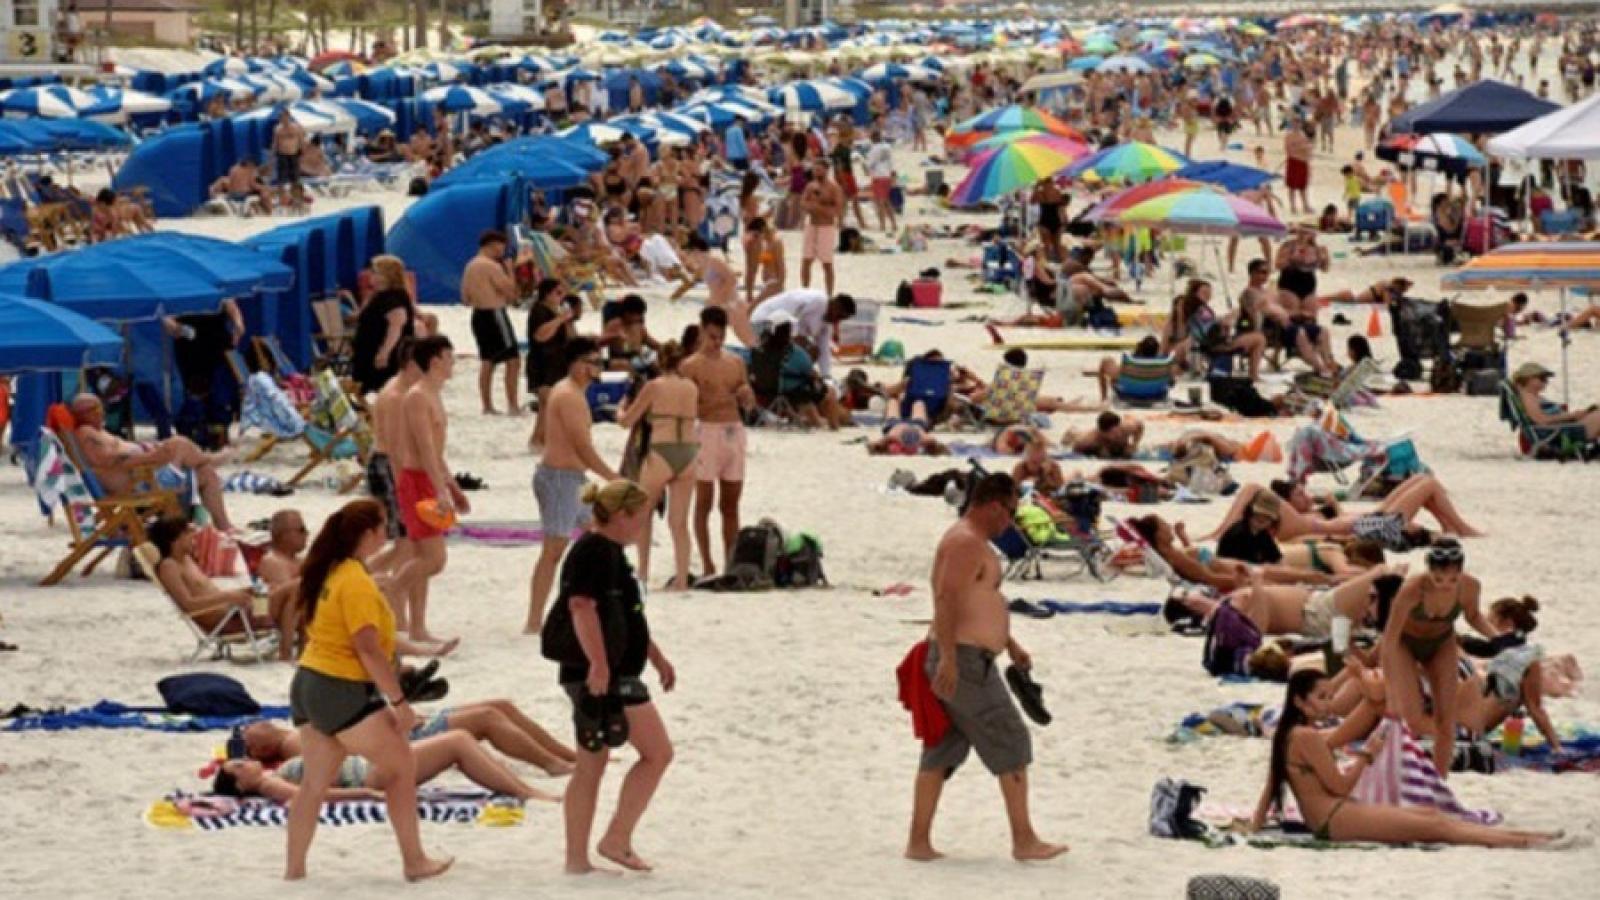 Mexico thêm gần 3.500 ca Covid-19 sau khi mở cửa các bãi biển du lịch